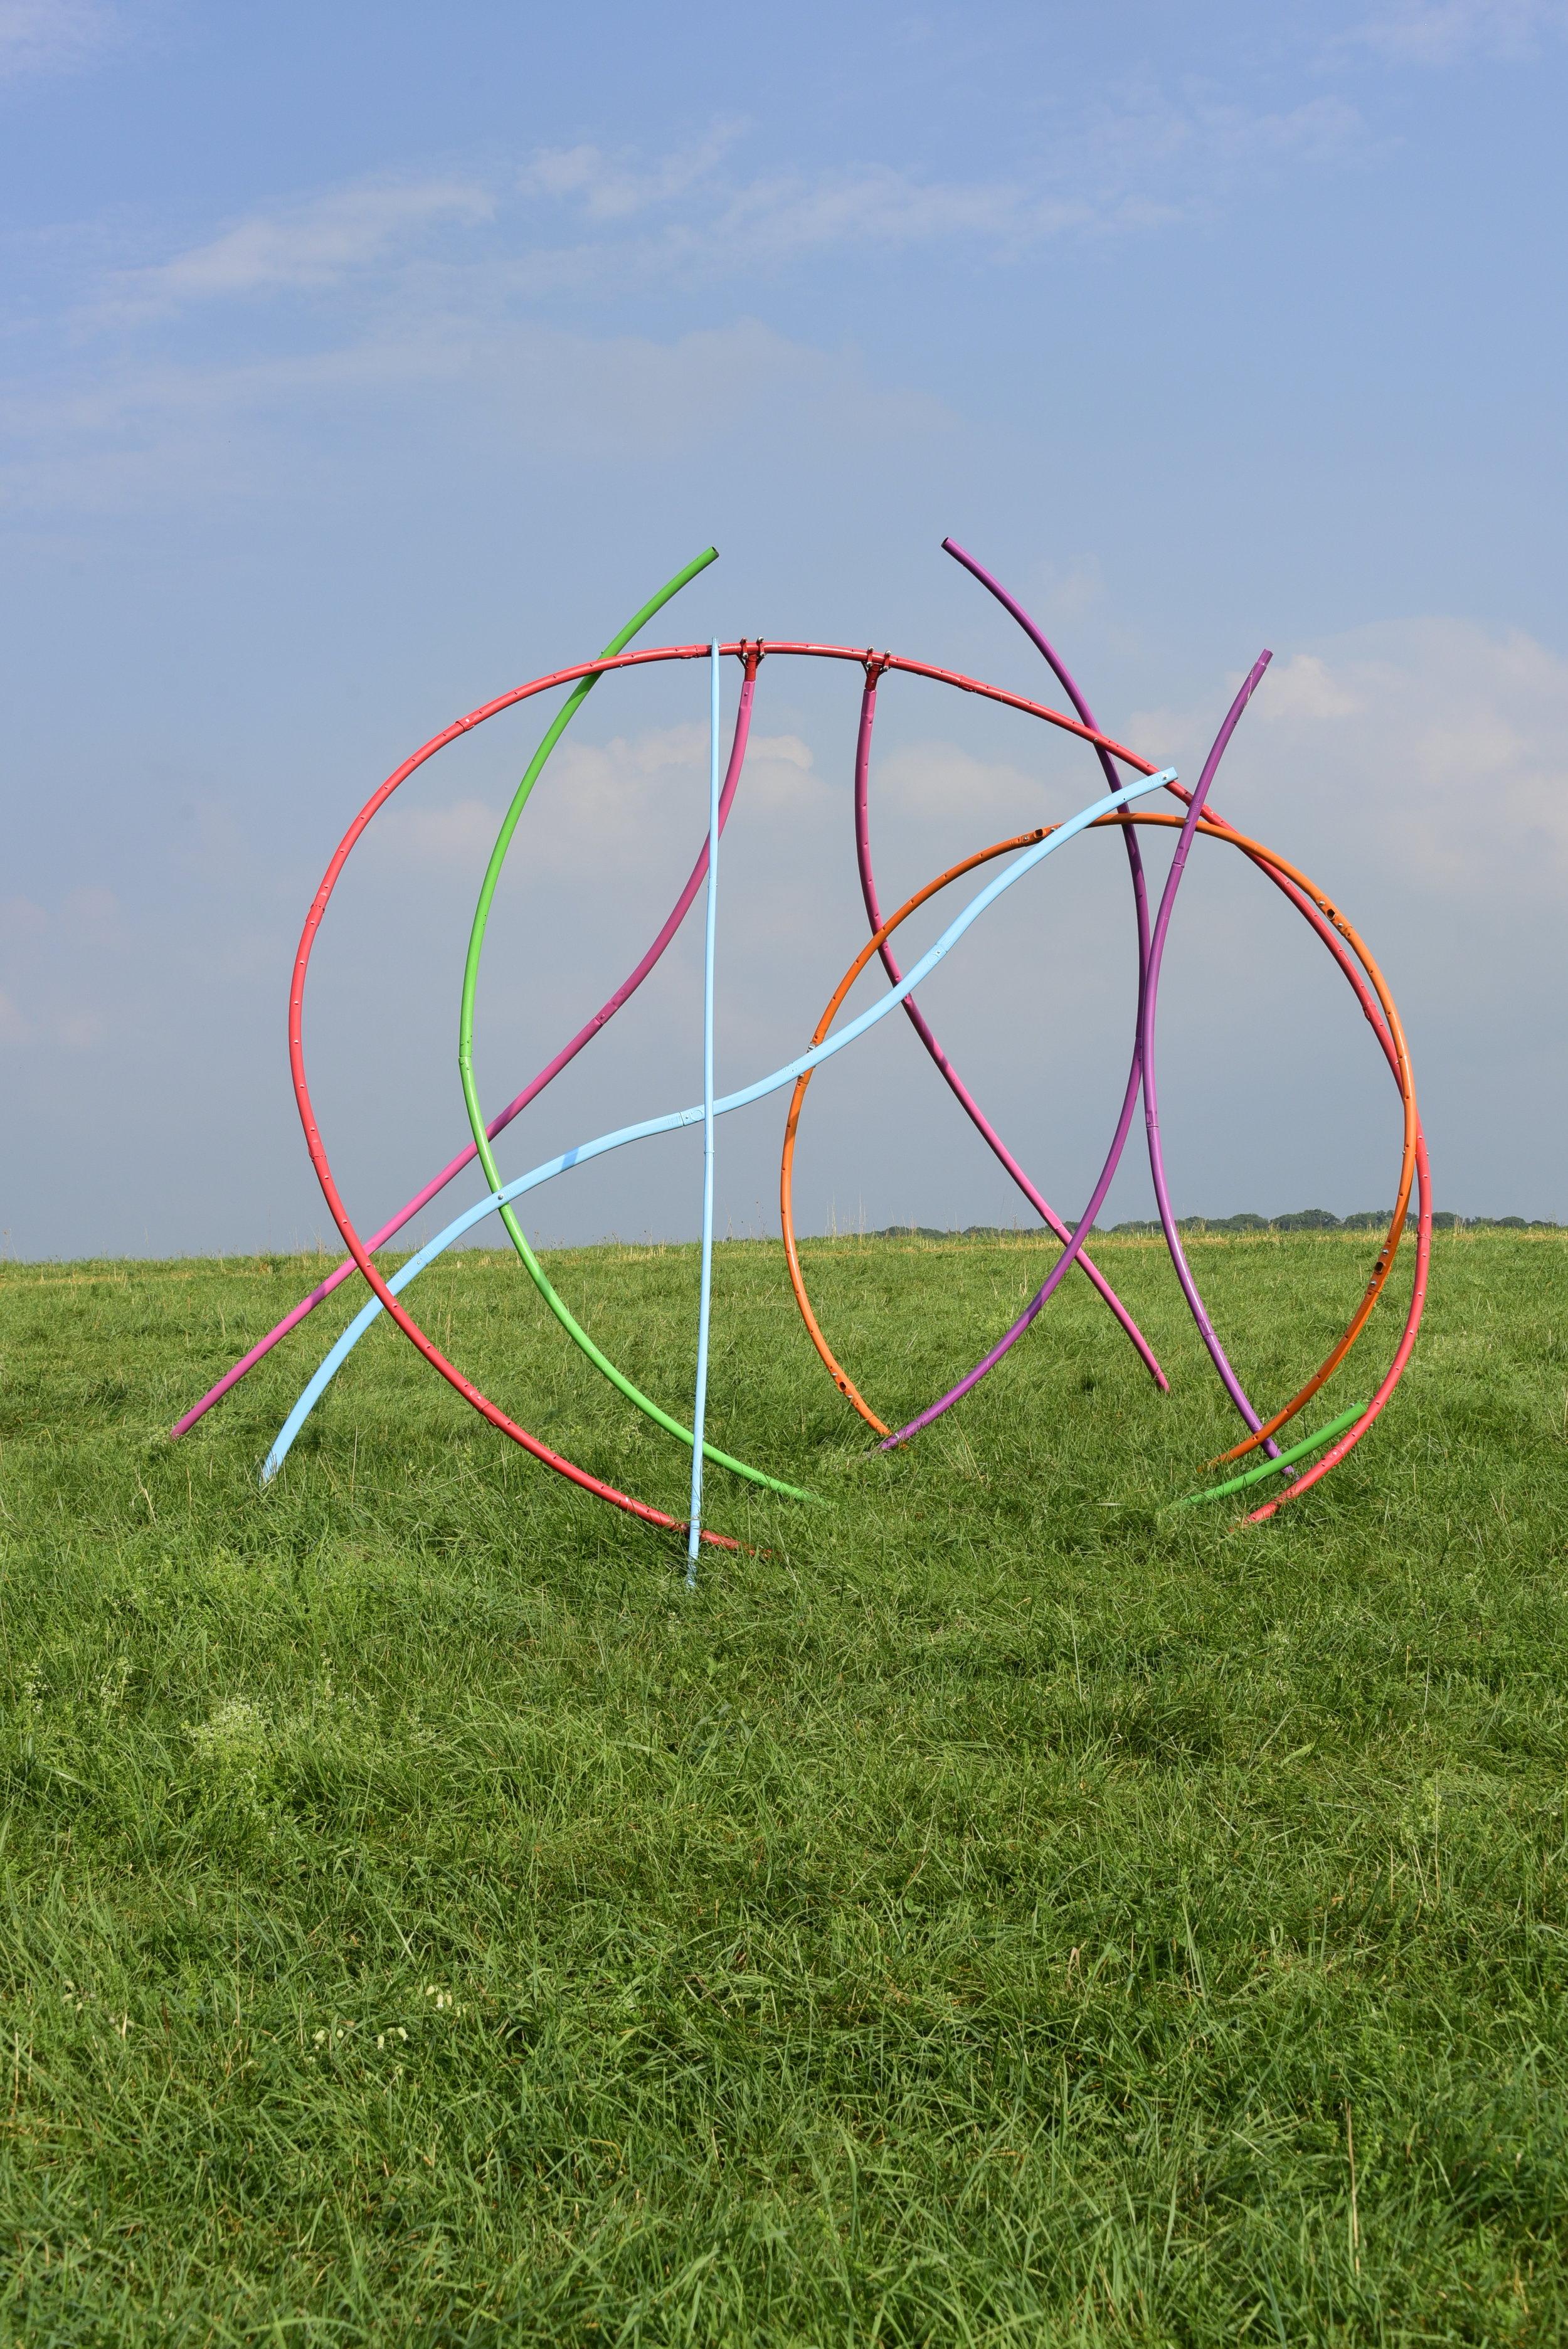 Circles and Arcs